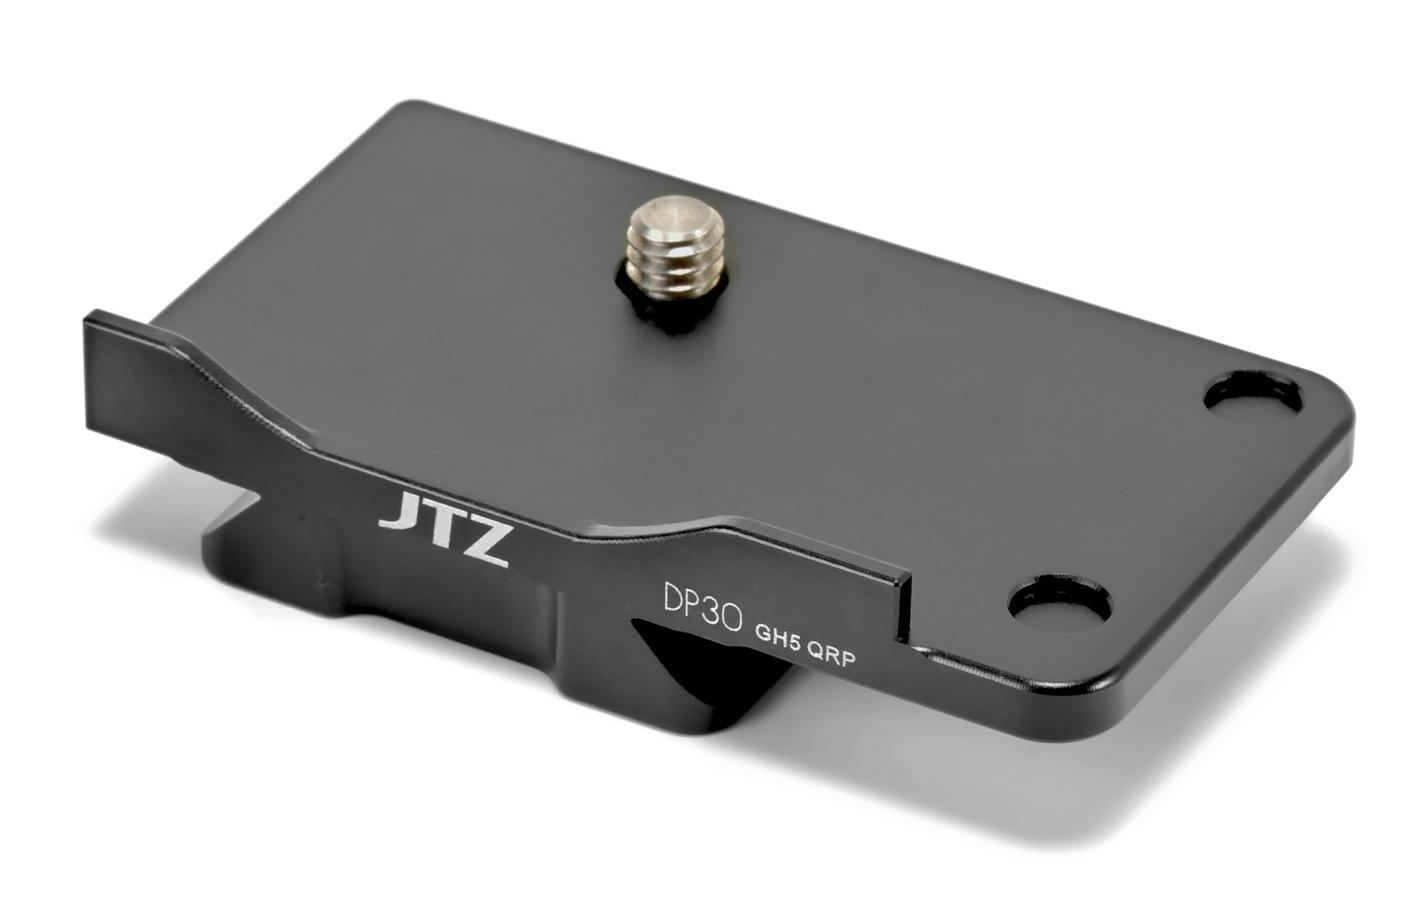 JTZ DP30 GH5 QRP Ersatz Schnellwechselplatte für GH Cage.